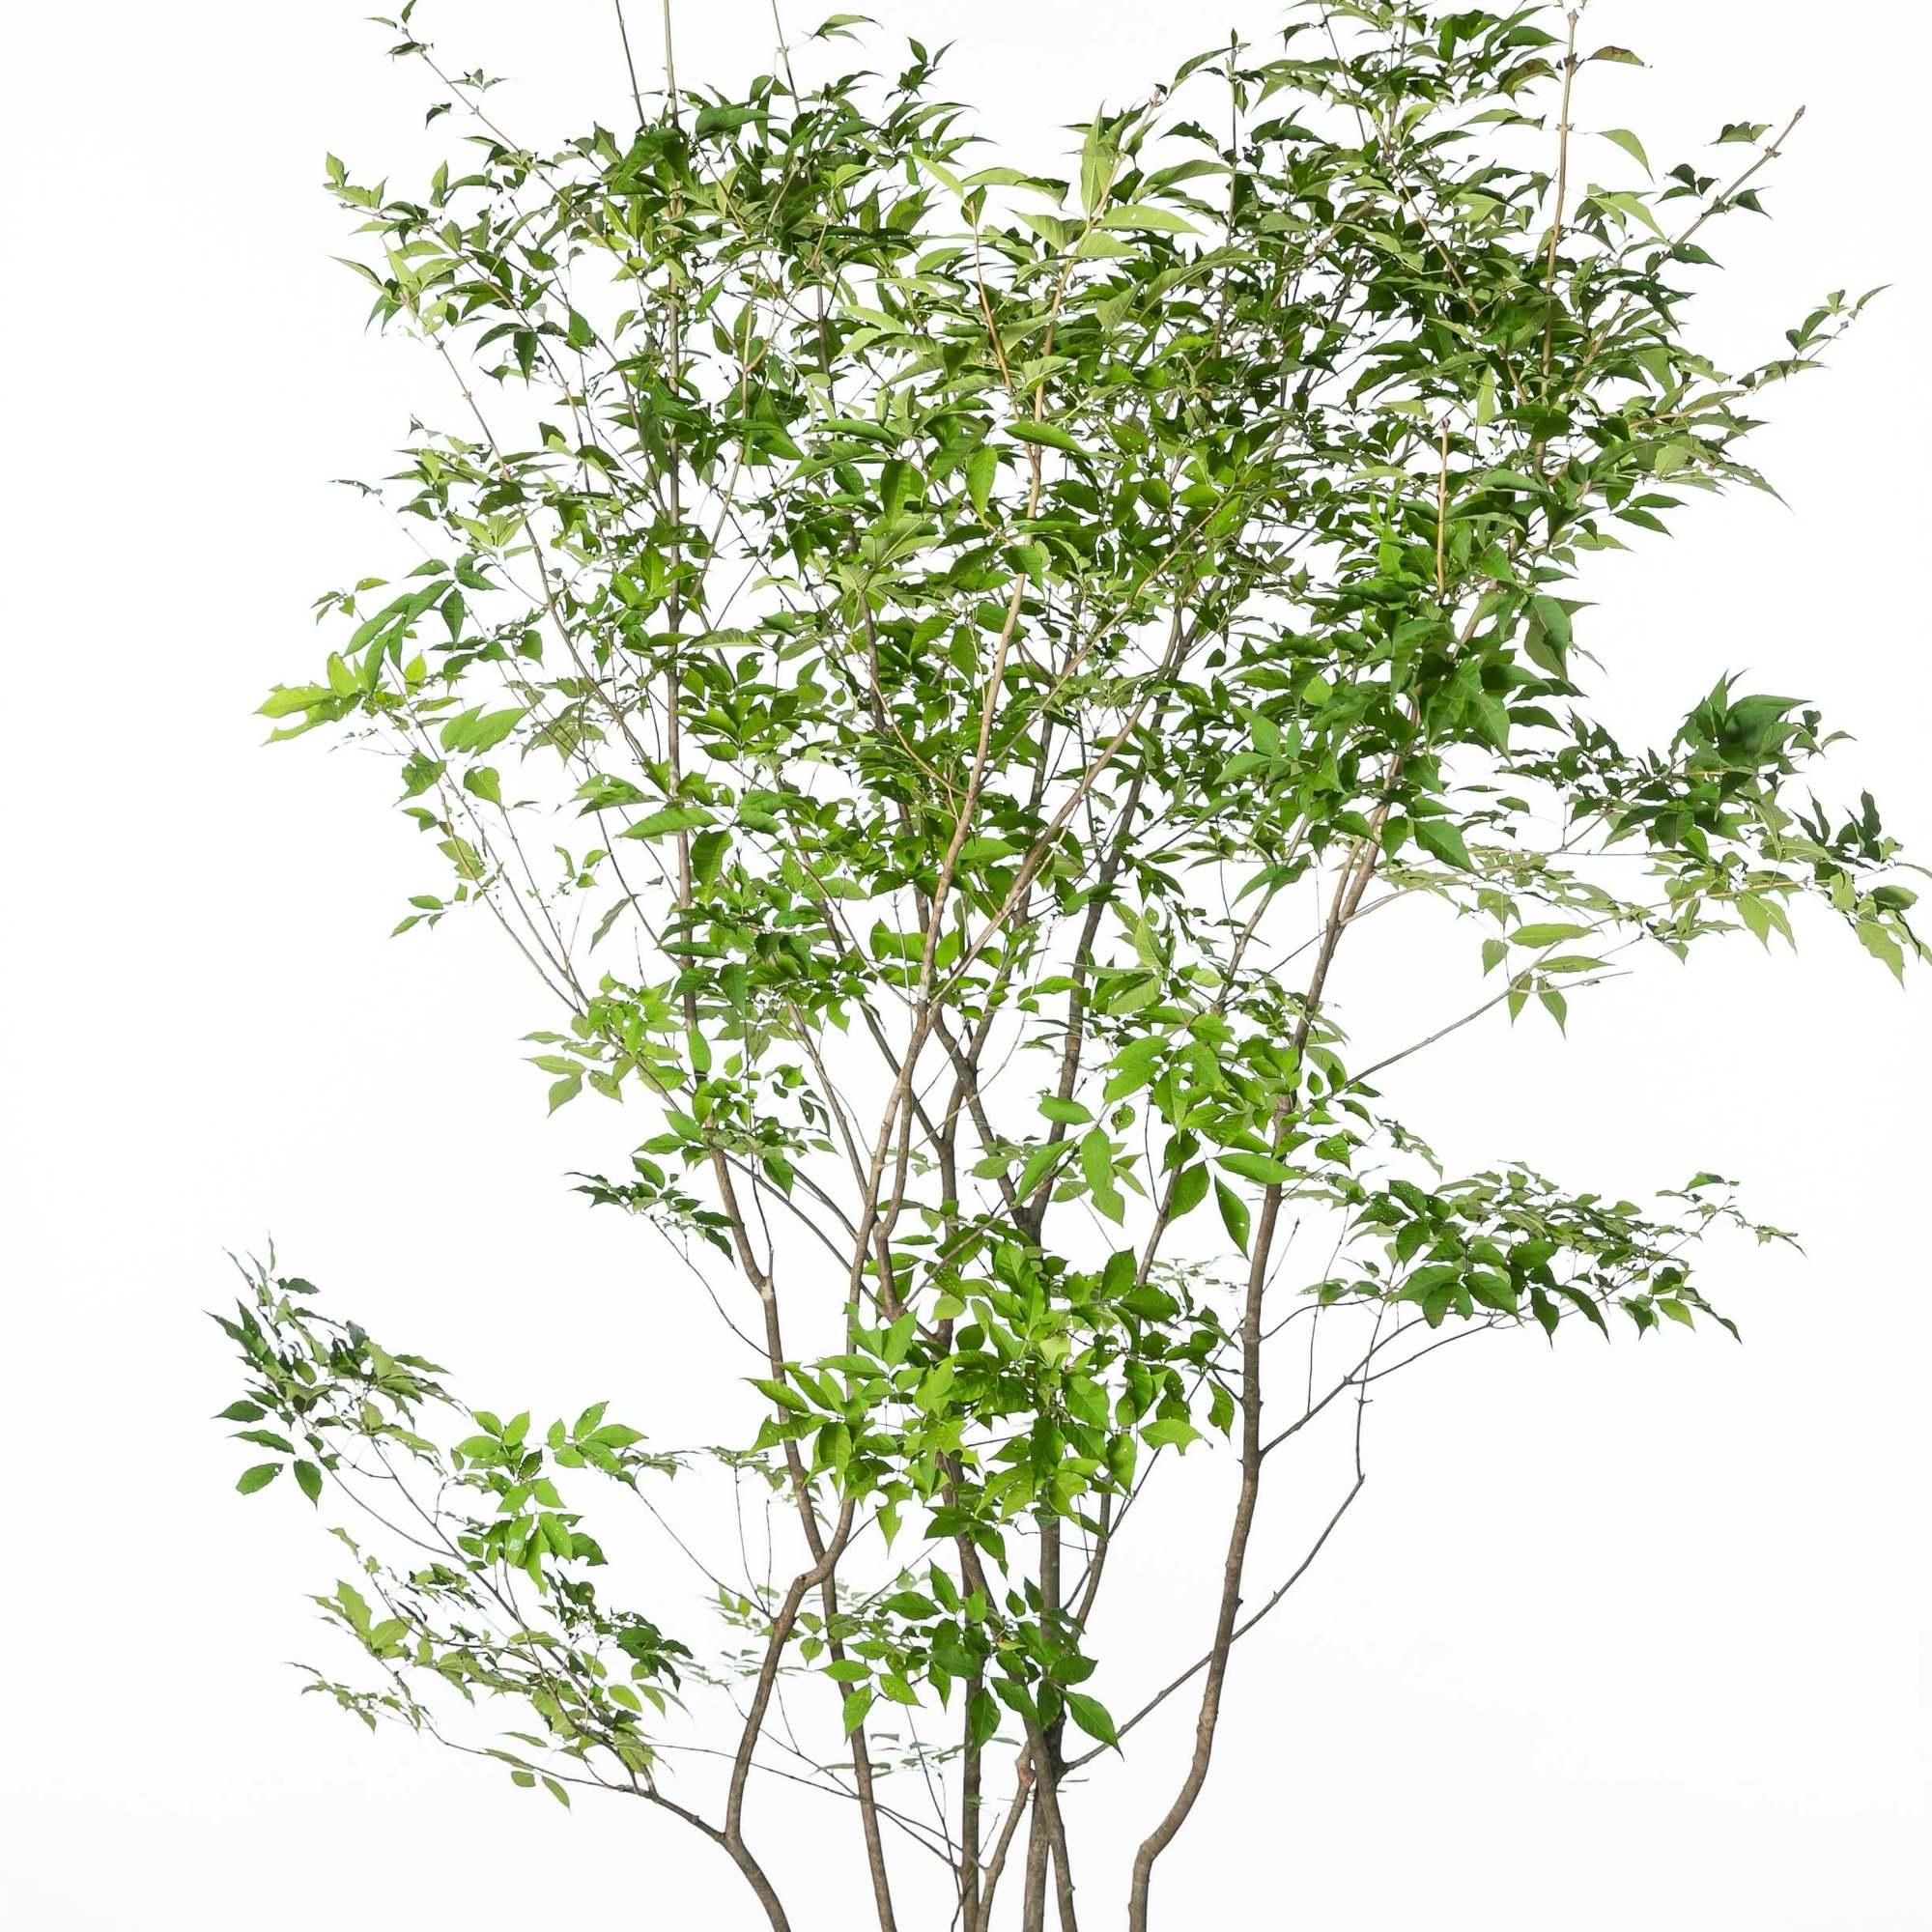 アオダモ(青梻)植栽 お庭 ガーデン